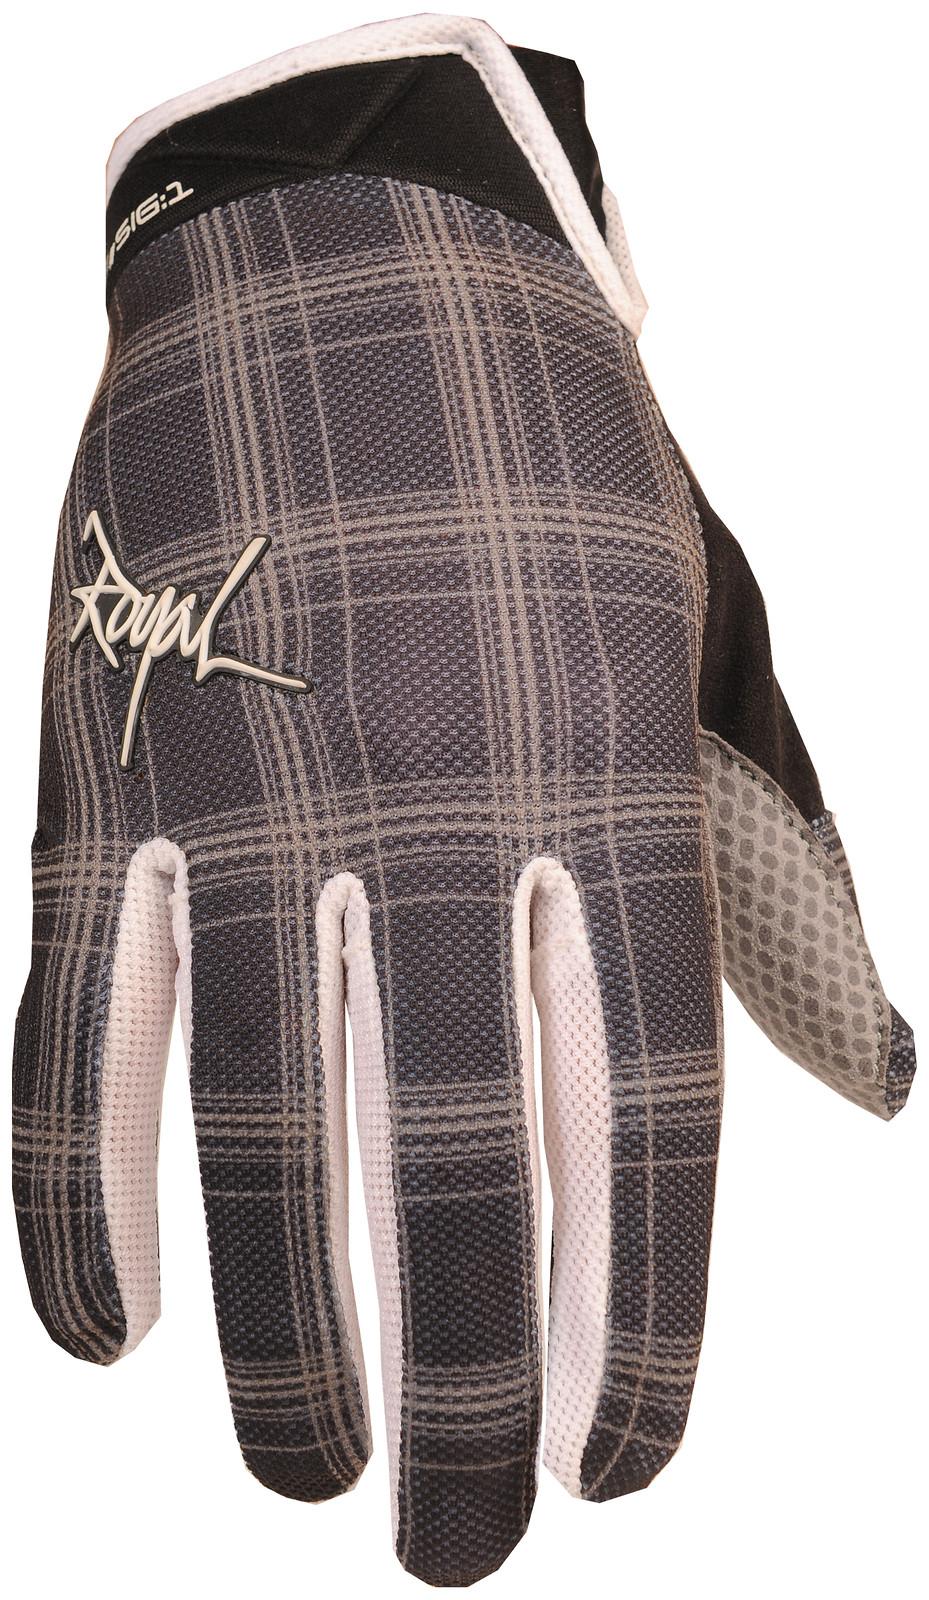 Glove-Signature-Black